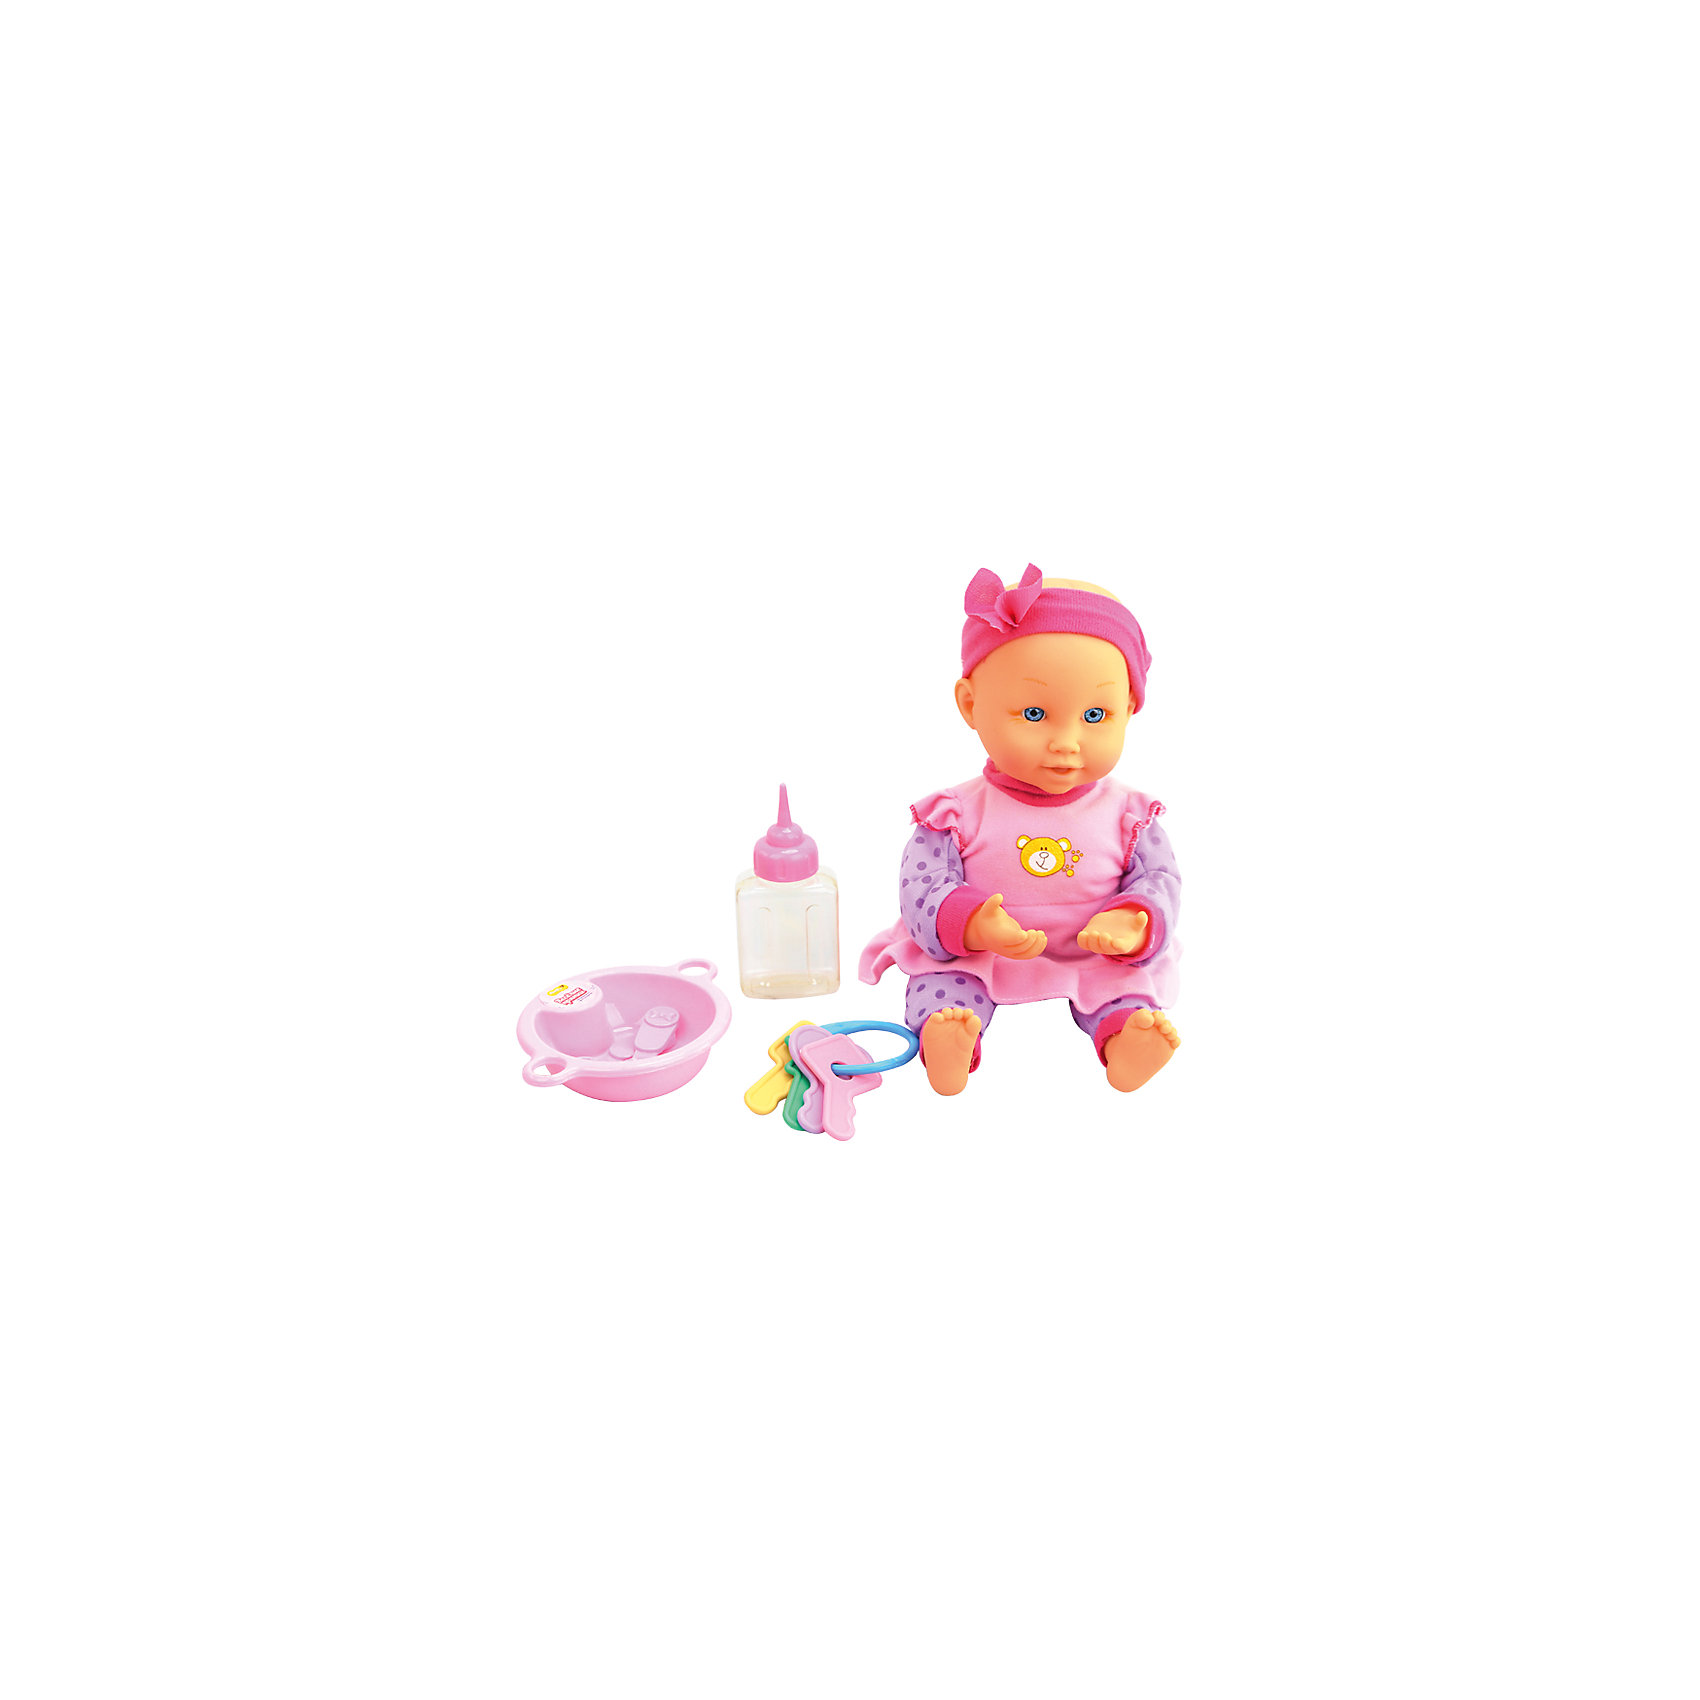 Интерактивная кукла-младенец  Весёлые прятки, 32 см, DollyToyИнтерактивные куклы<br>Характеристики товара:<br><br>• возраст от 3 лет;<br>• материал: пластик, текстиль;<br>• в комплекте: кукла, аксессуары;<br>• высота куклы 32 см;<br>• размер упаковки 30х33,5х15,5 см;<br>• вес упаковки 992 гр.;<br>• страна производитель: Китай.<br><br>Интерактивная кукла-младенец «Веселые прятки» DollyToy привьет девочке чувство заботы, любви, ответственности. Кукла любит играть в прятки, она закрывает глазки и ждет, пока все спрячутся. Во время игры она весело смеется. Когда малышка захочет покушать, то ее надо покормить из бутылочки. <br><br>Интерактивную куклу-младенец «Веселые прятки» DollyToy можно приобрести в нашем интернет-магазине.<br><br>Ширина мм: 300<br>Глубина мм: 155<br>Высота мм: 335<br>Вес г: 992<br>Возраст от месяцев: 36<br>Возраст до месяцев: 72<br>Пол: Женский<br>Возраст: Детский<br>SKU: 5581280